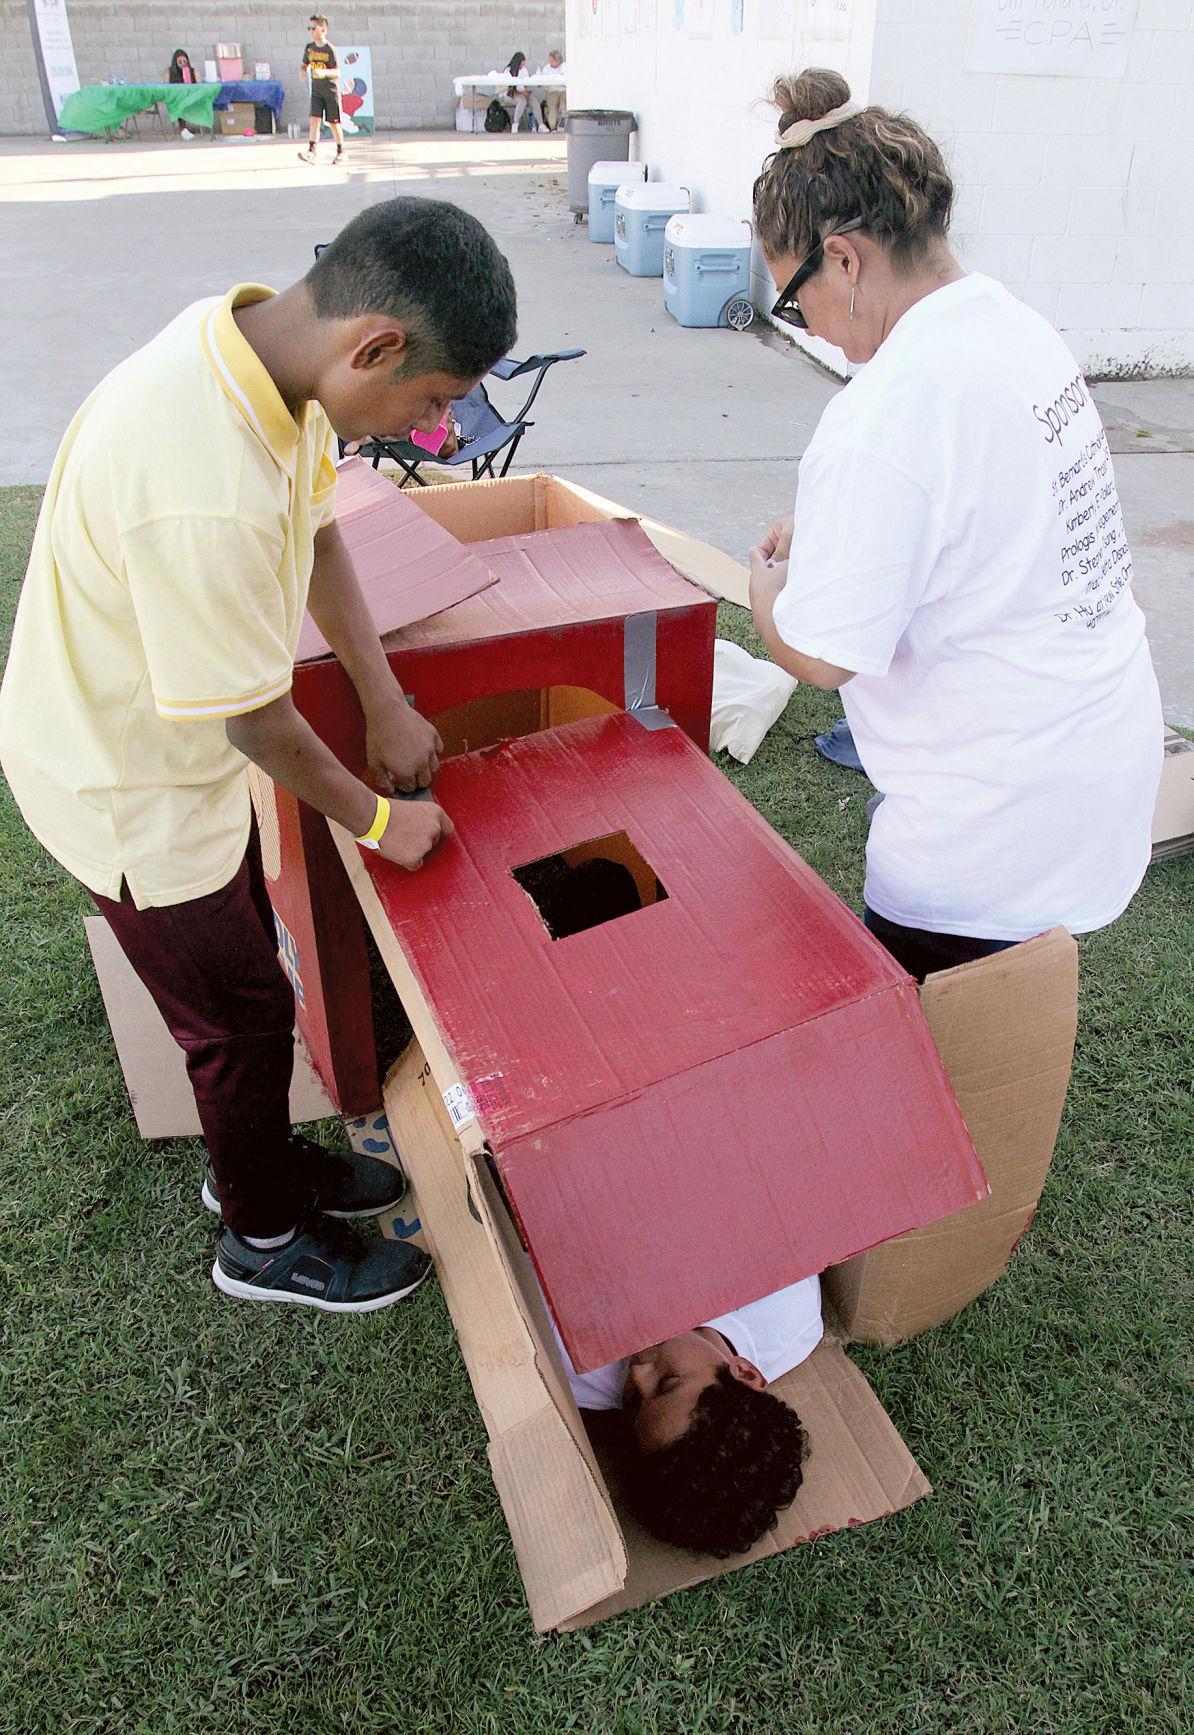 Kids in a box